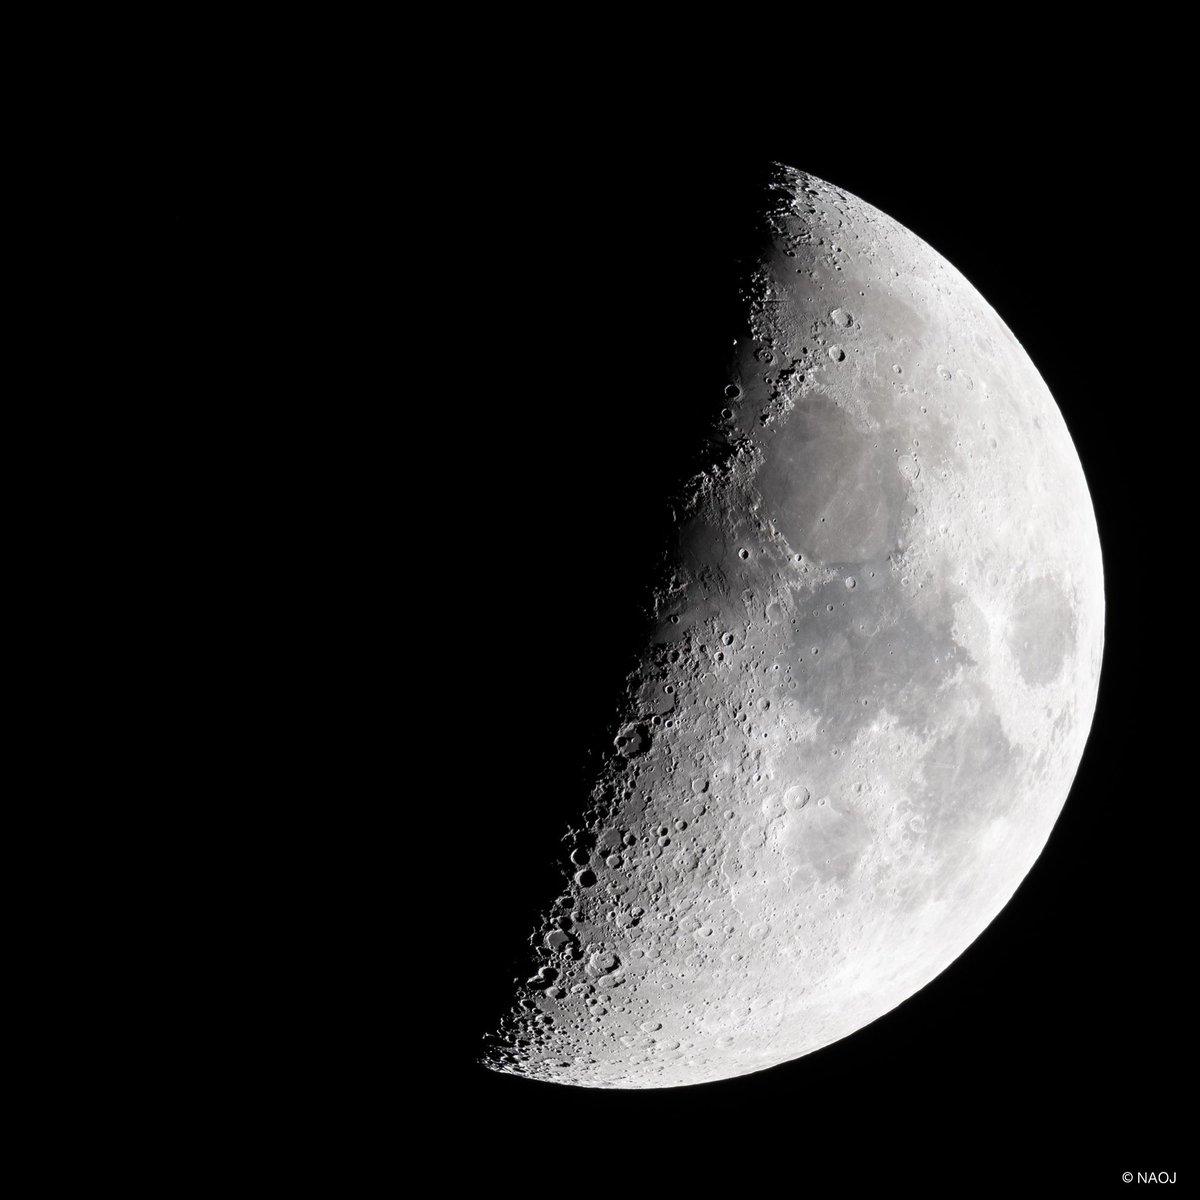 最近「月面X」として話題の月面の領域を撮ってみました。現在、国立天文台本部のある三鷹は天気が良く、月が綺麗に見えます。月の地形をじっくり見るのも楽しいものですね。この機会にぜひ月の観察をしてみてください。 #国立天文台 #月 #月面X面X